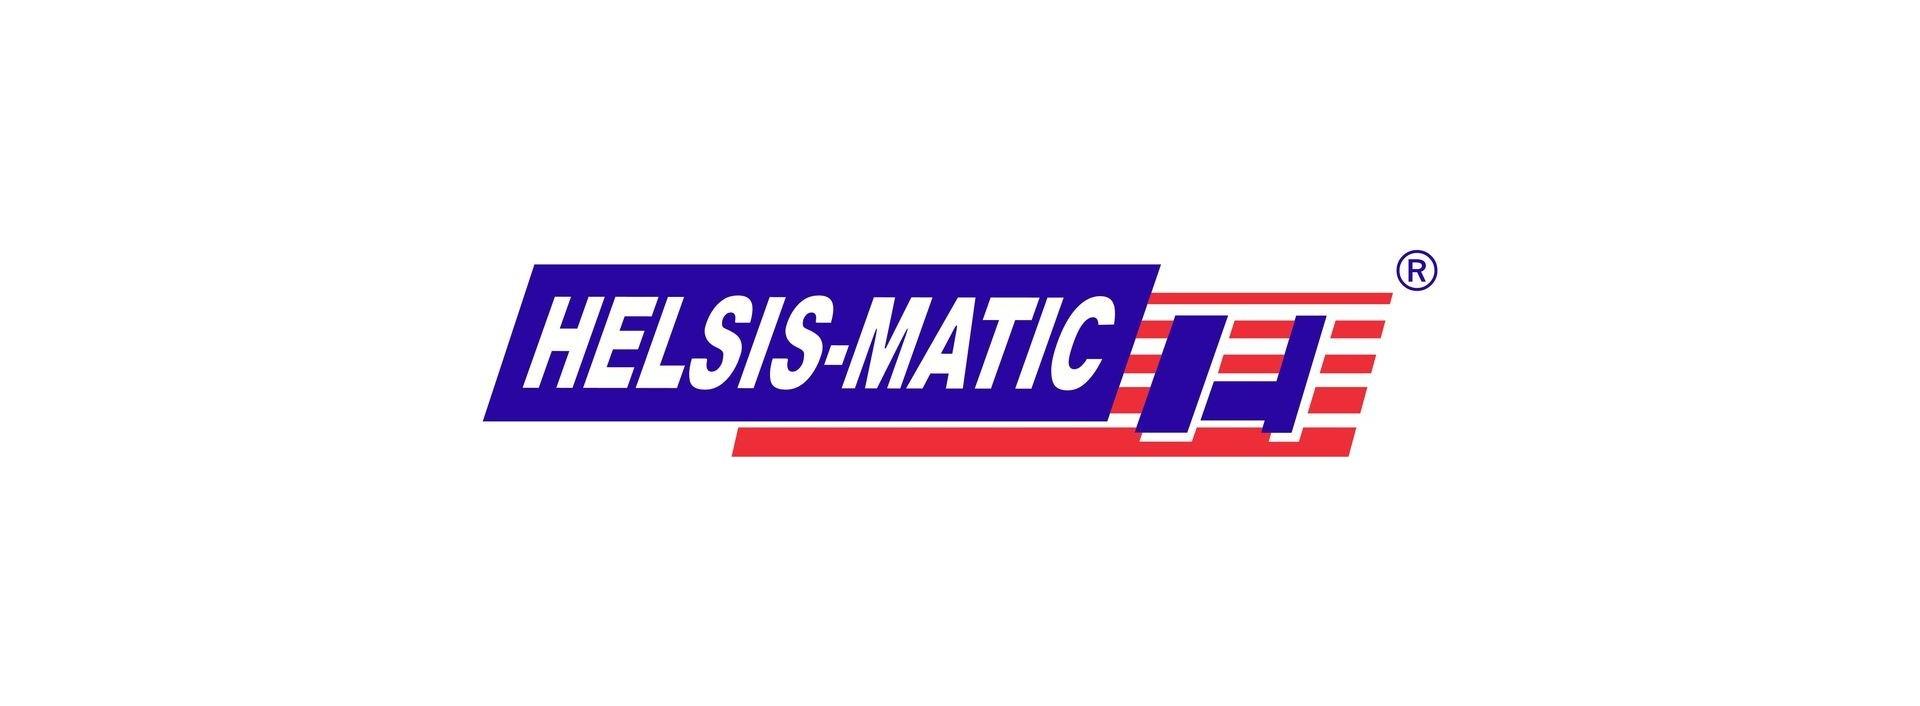 HELSIS MATIC